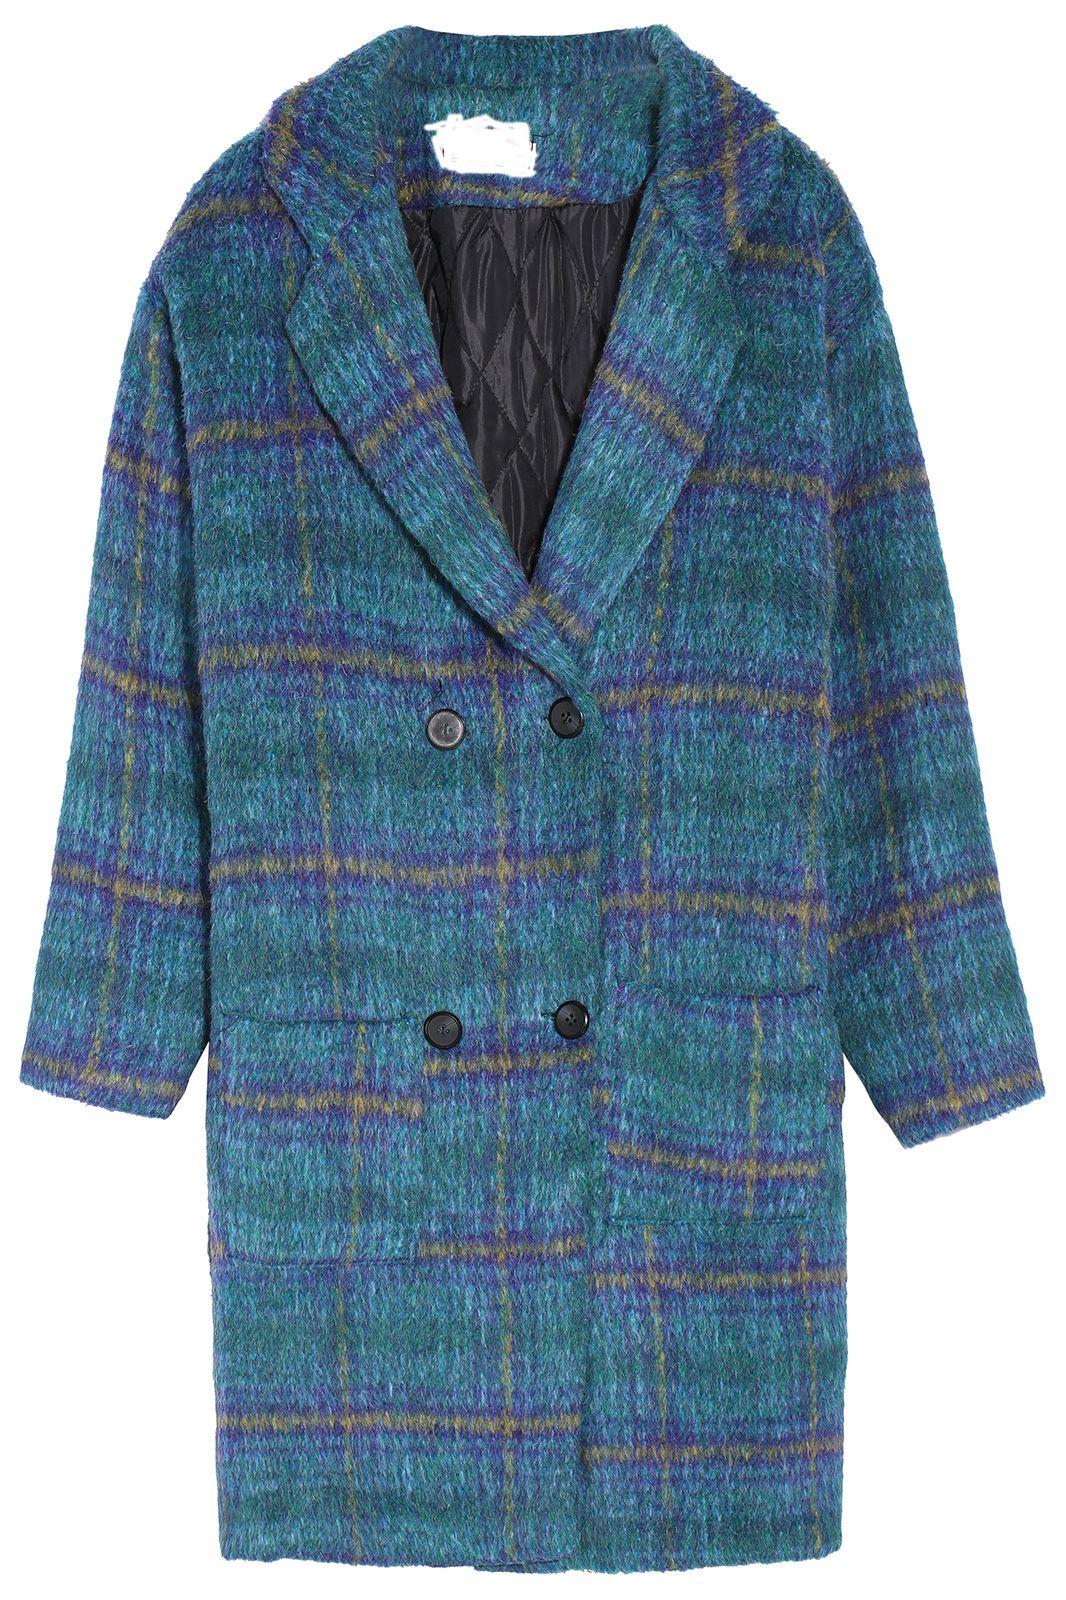 Check Print Pockets Blue and Green Coat